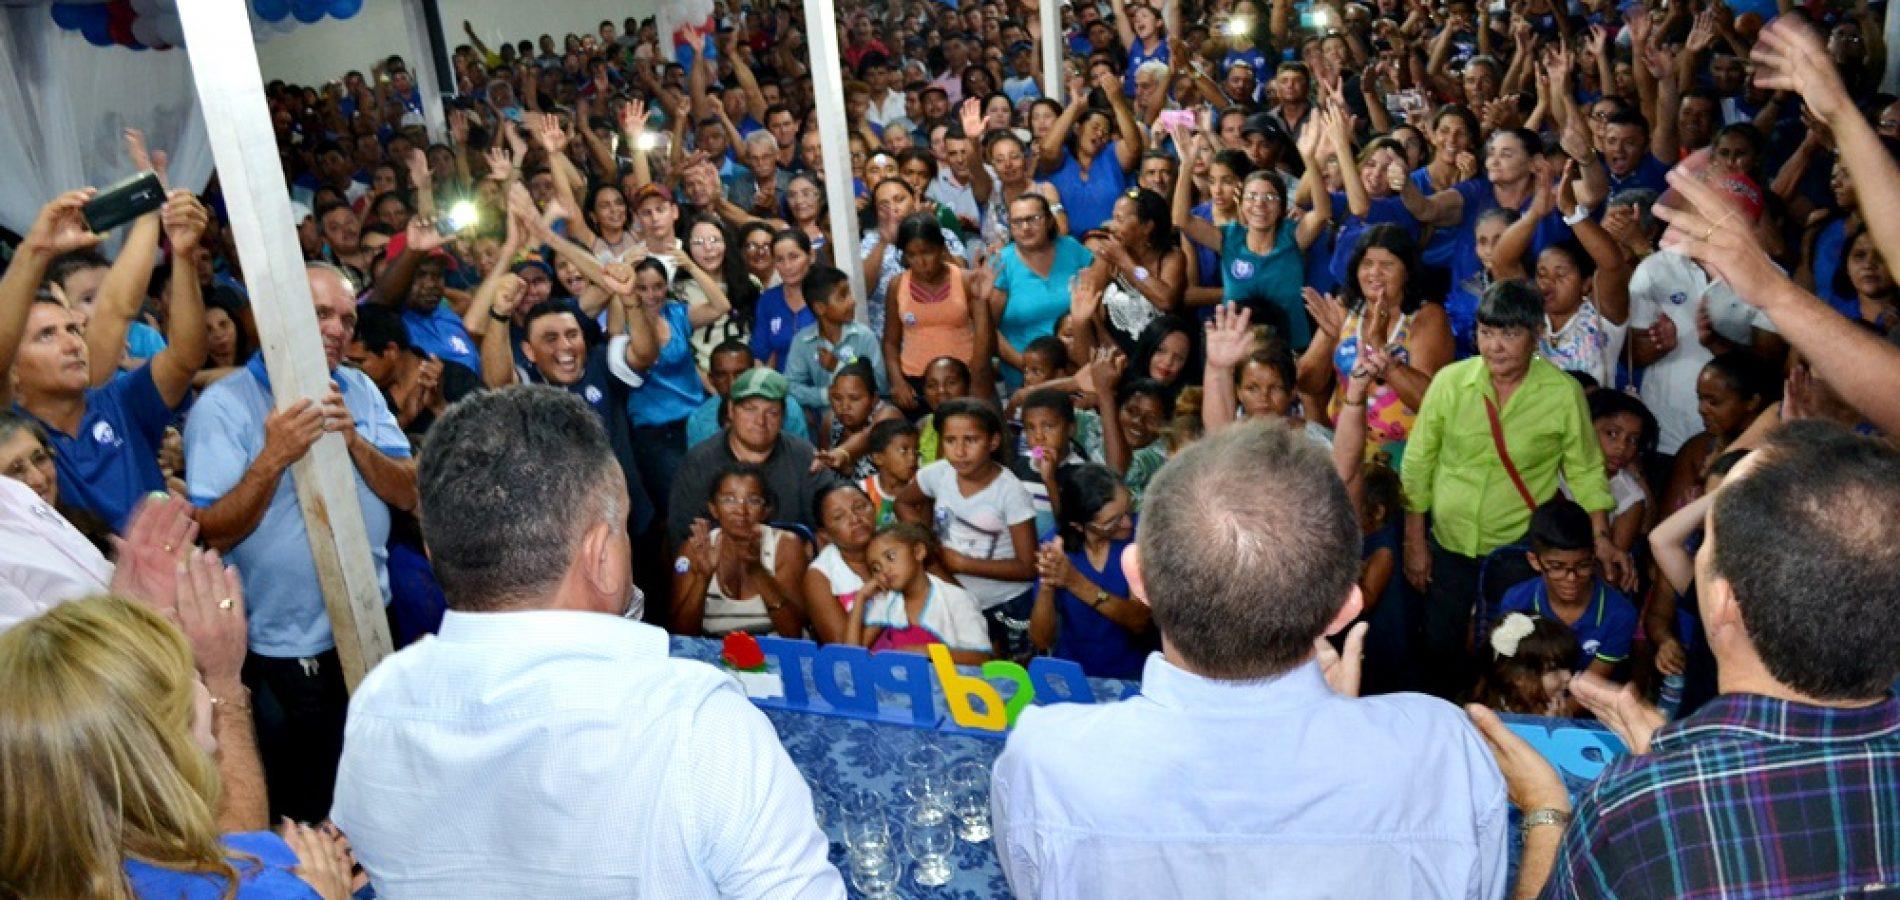 FOTOS   Convenção de Dr. Tico e Quirino  em Campo Grande do Piauí